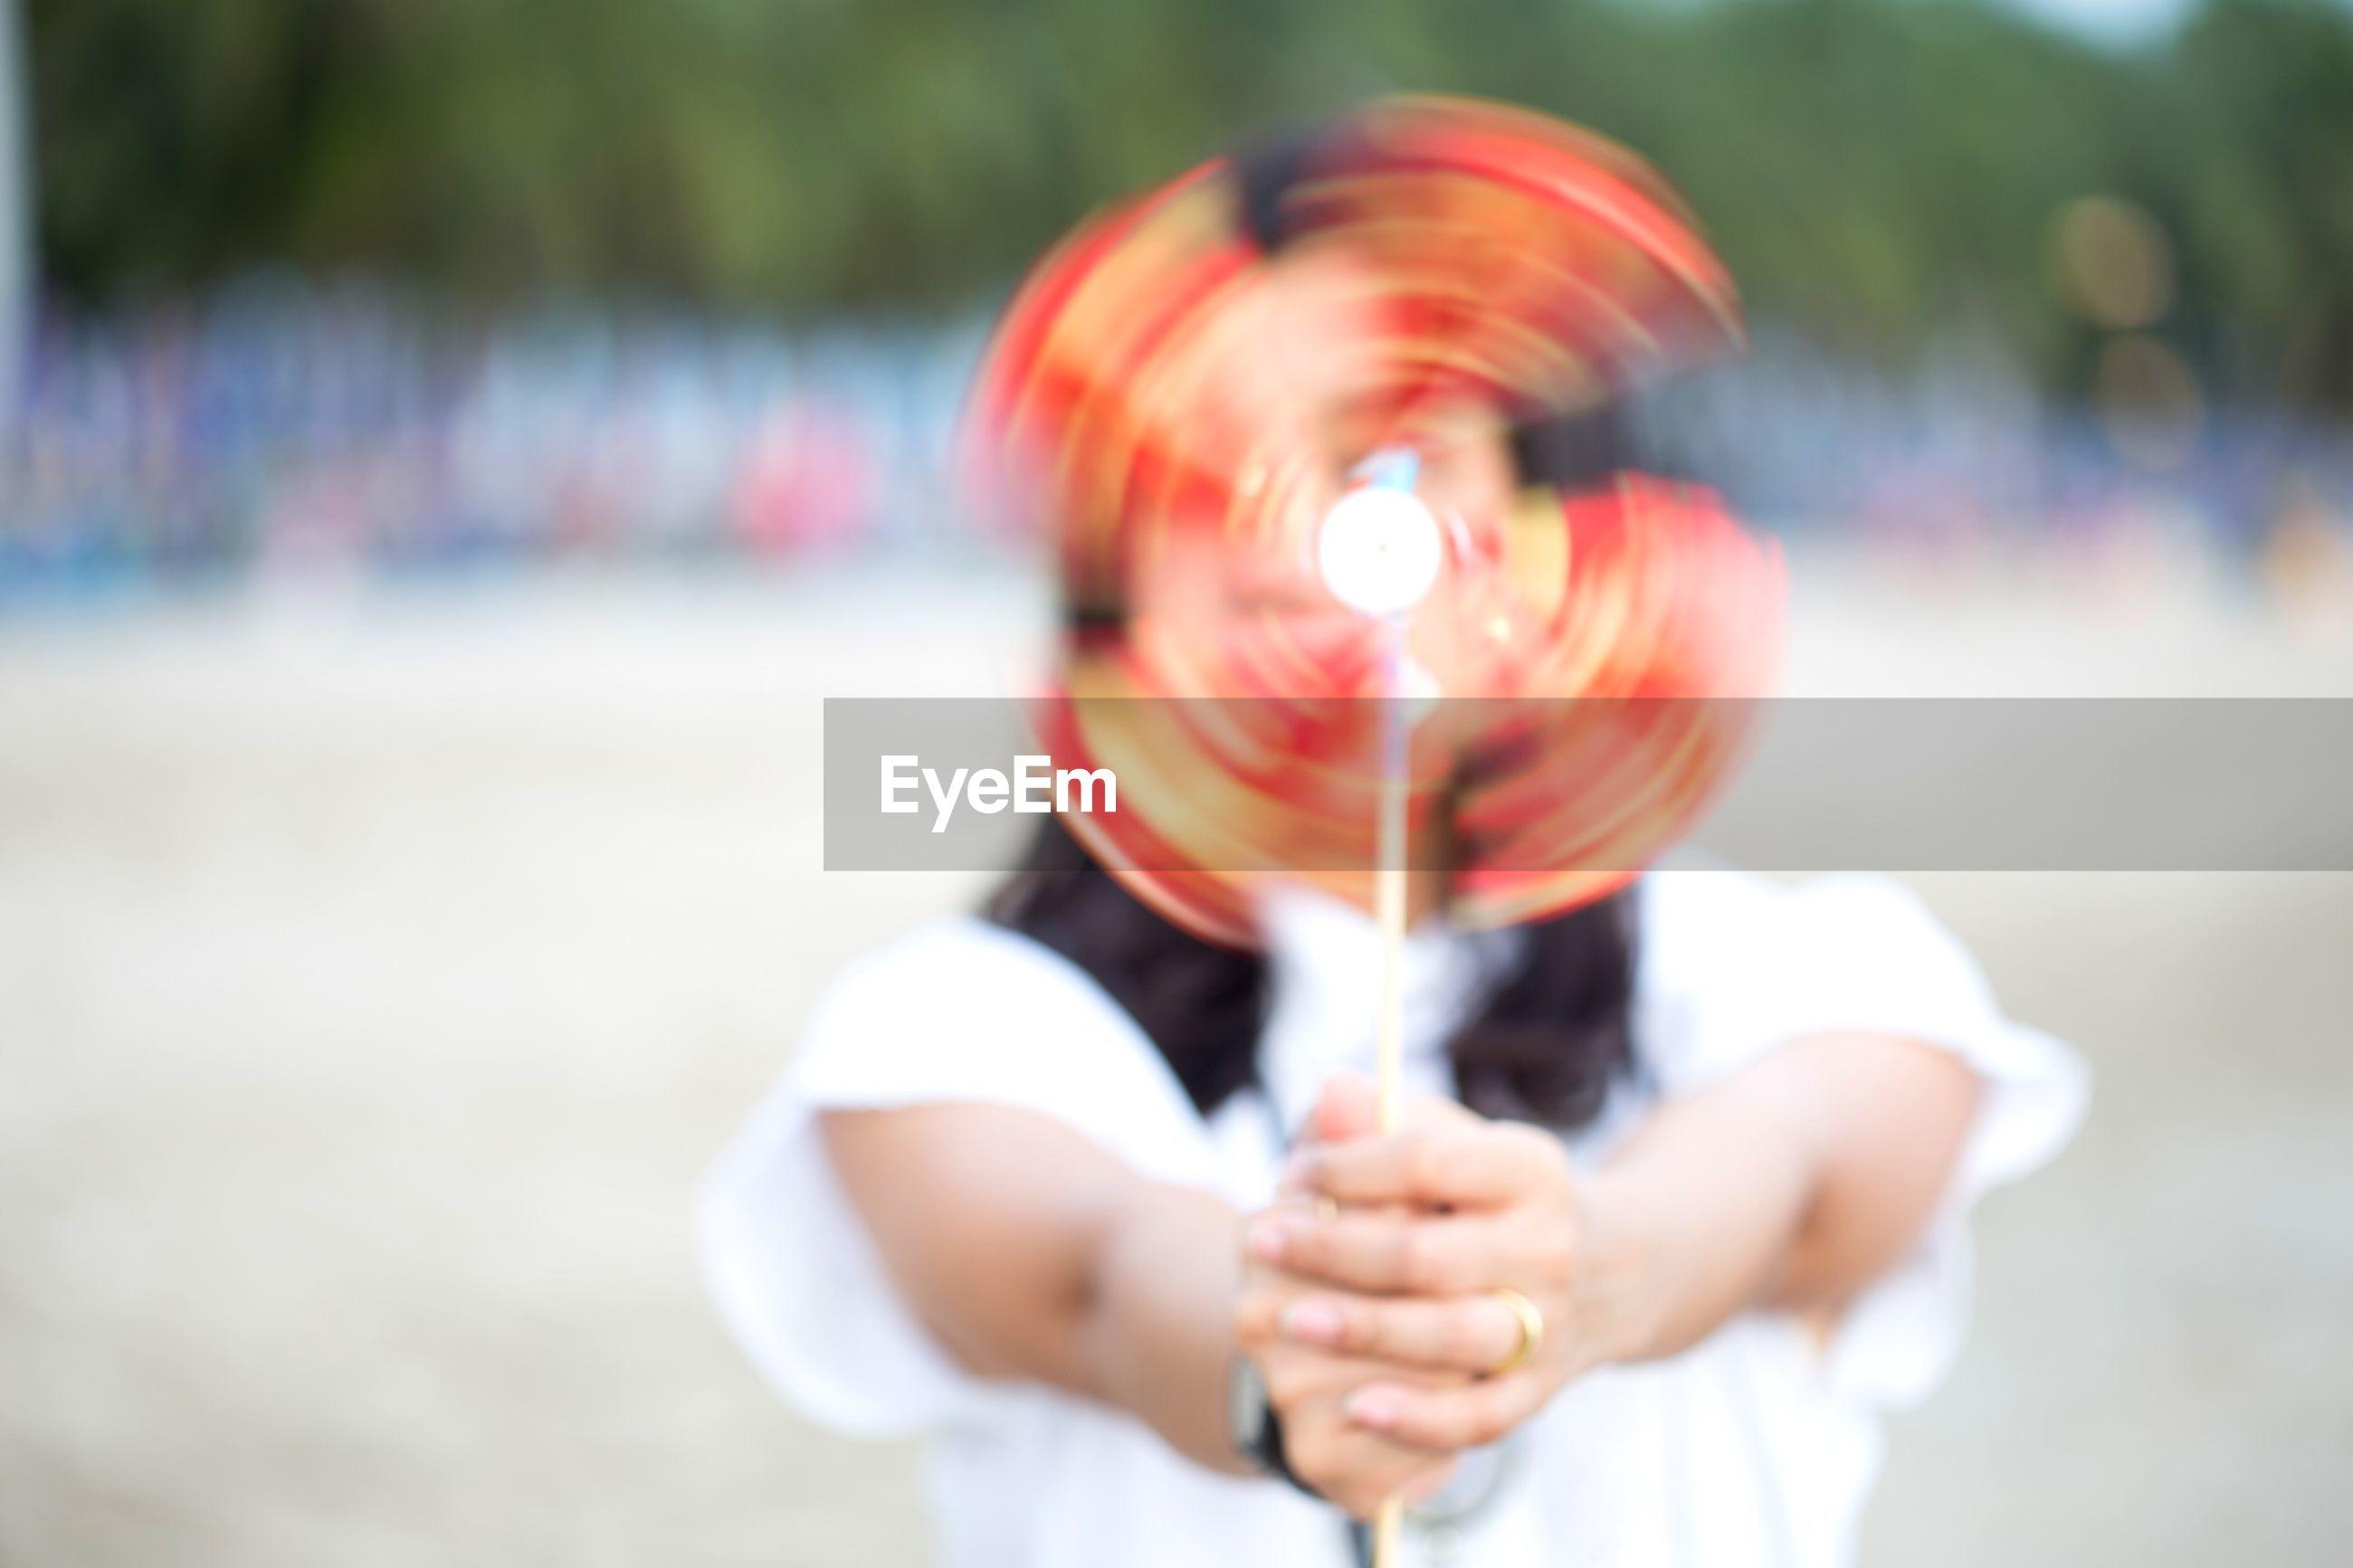 Woman holding spinning pinwheel toy